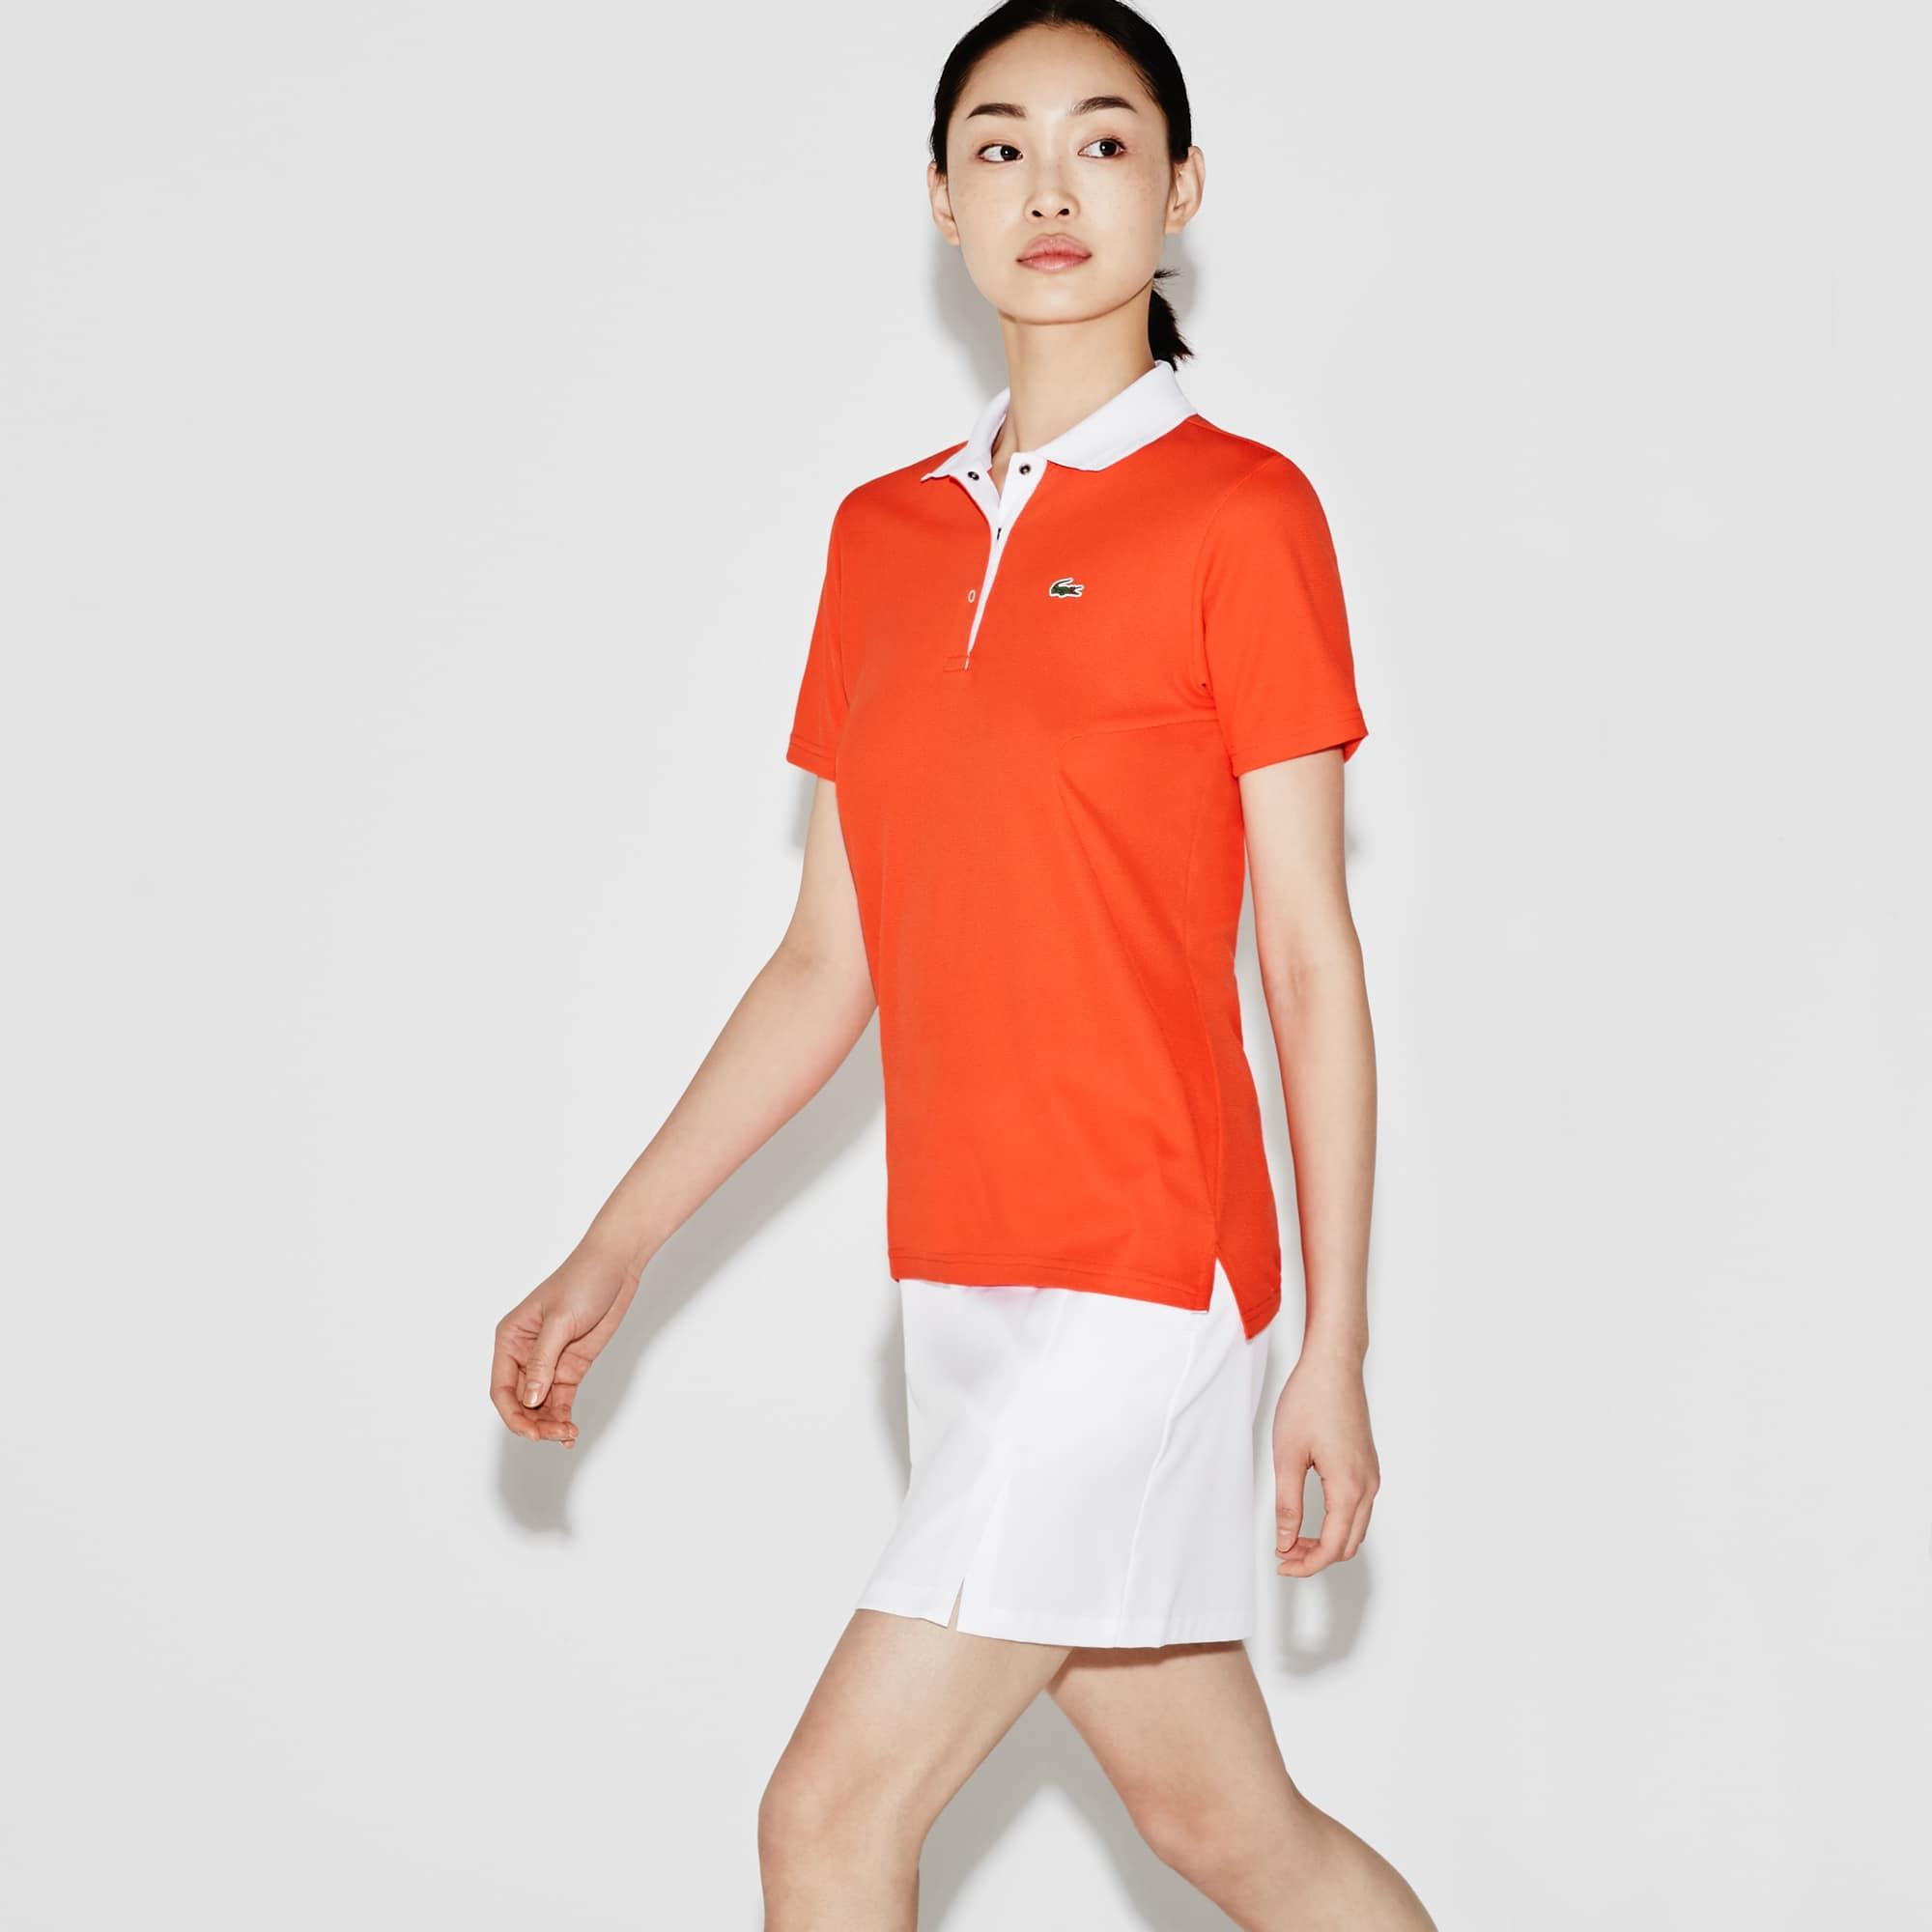 라코스테 스포츠 반팔 카라티 Lacoste Womens SPORT Golf Tech Honeycomb Knit Polo,mexico red/white